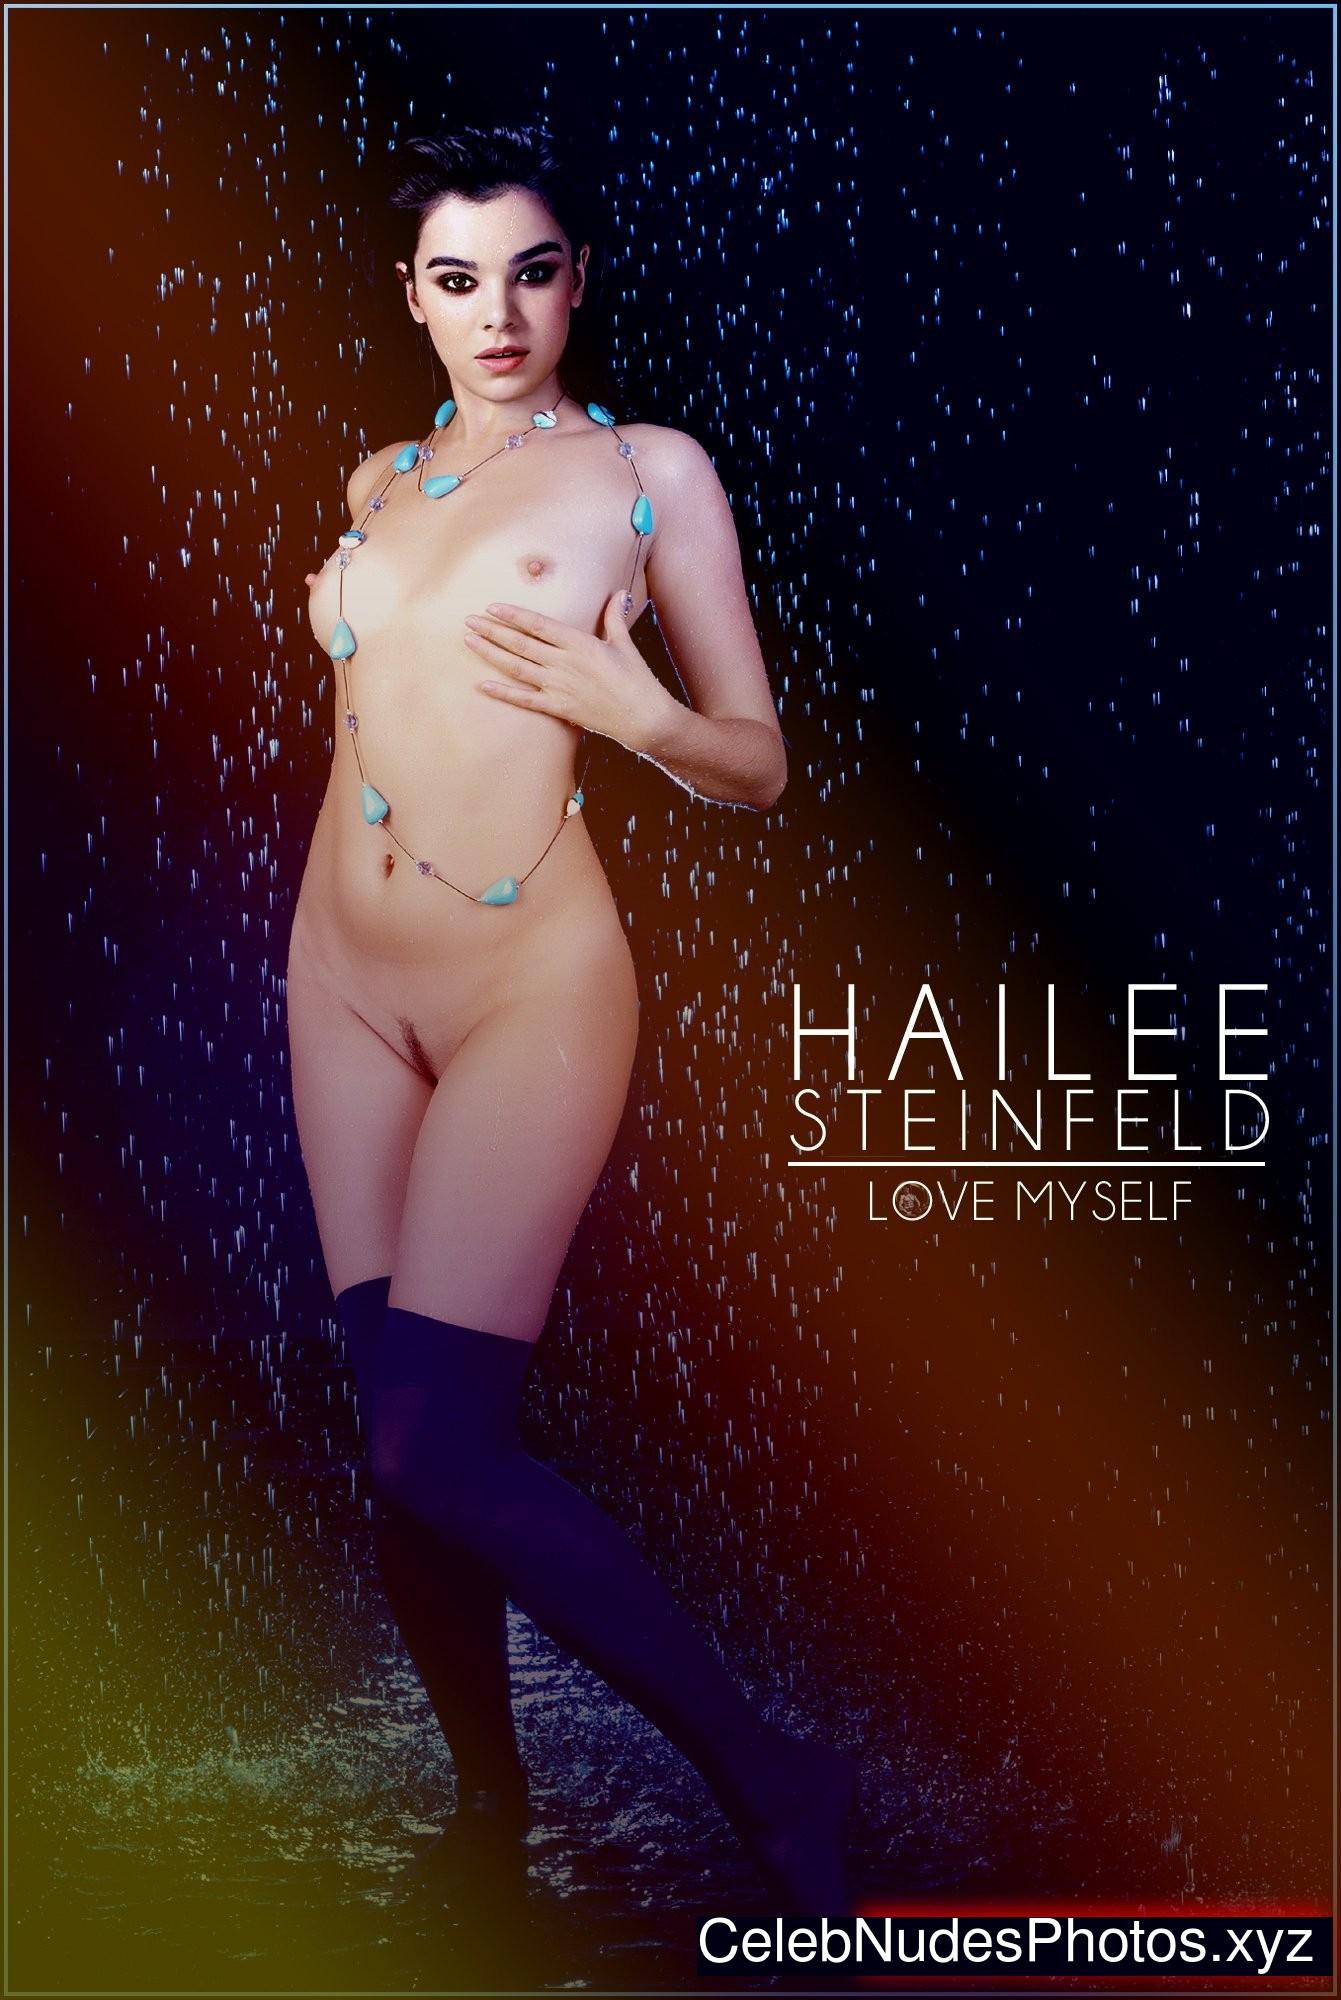 Hailee Steinfeld nude